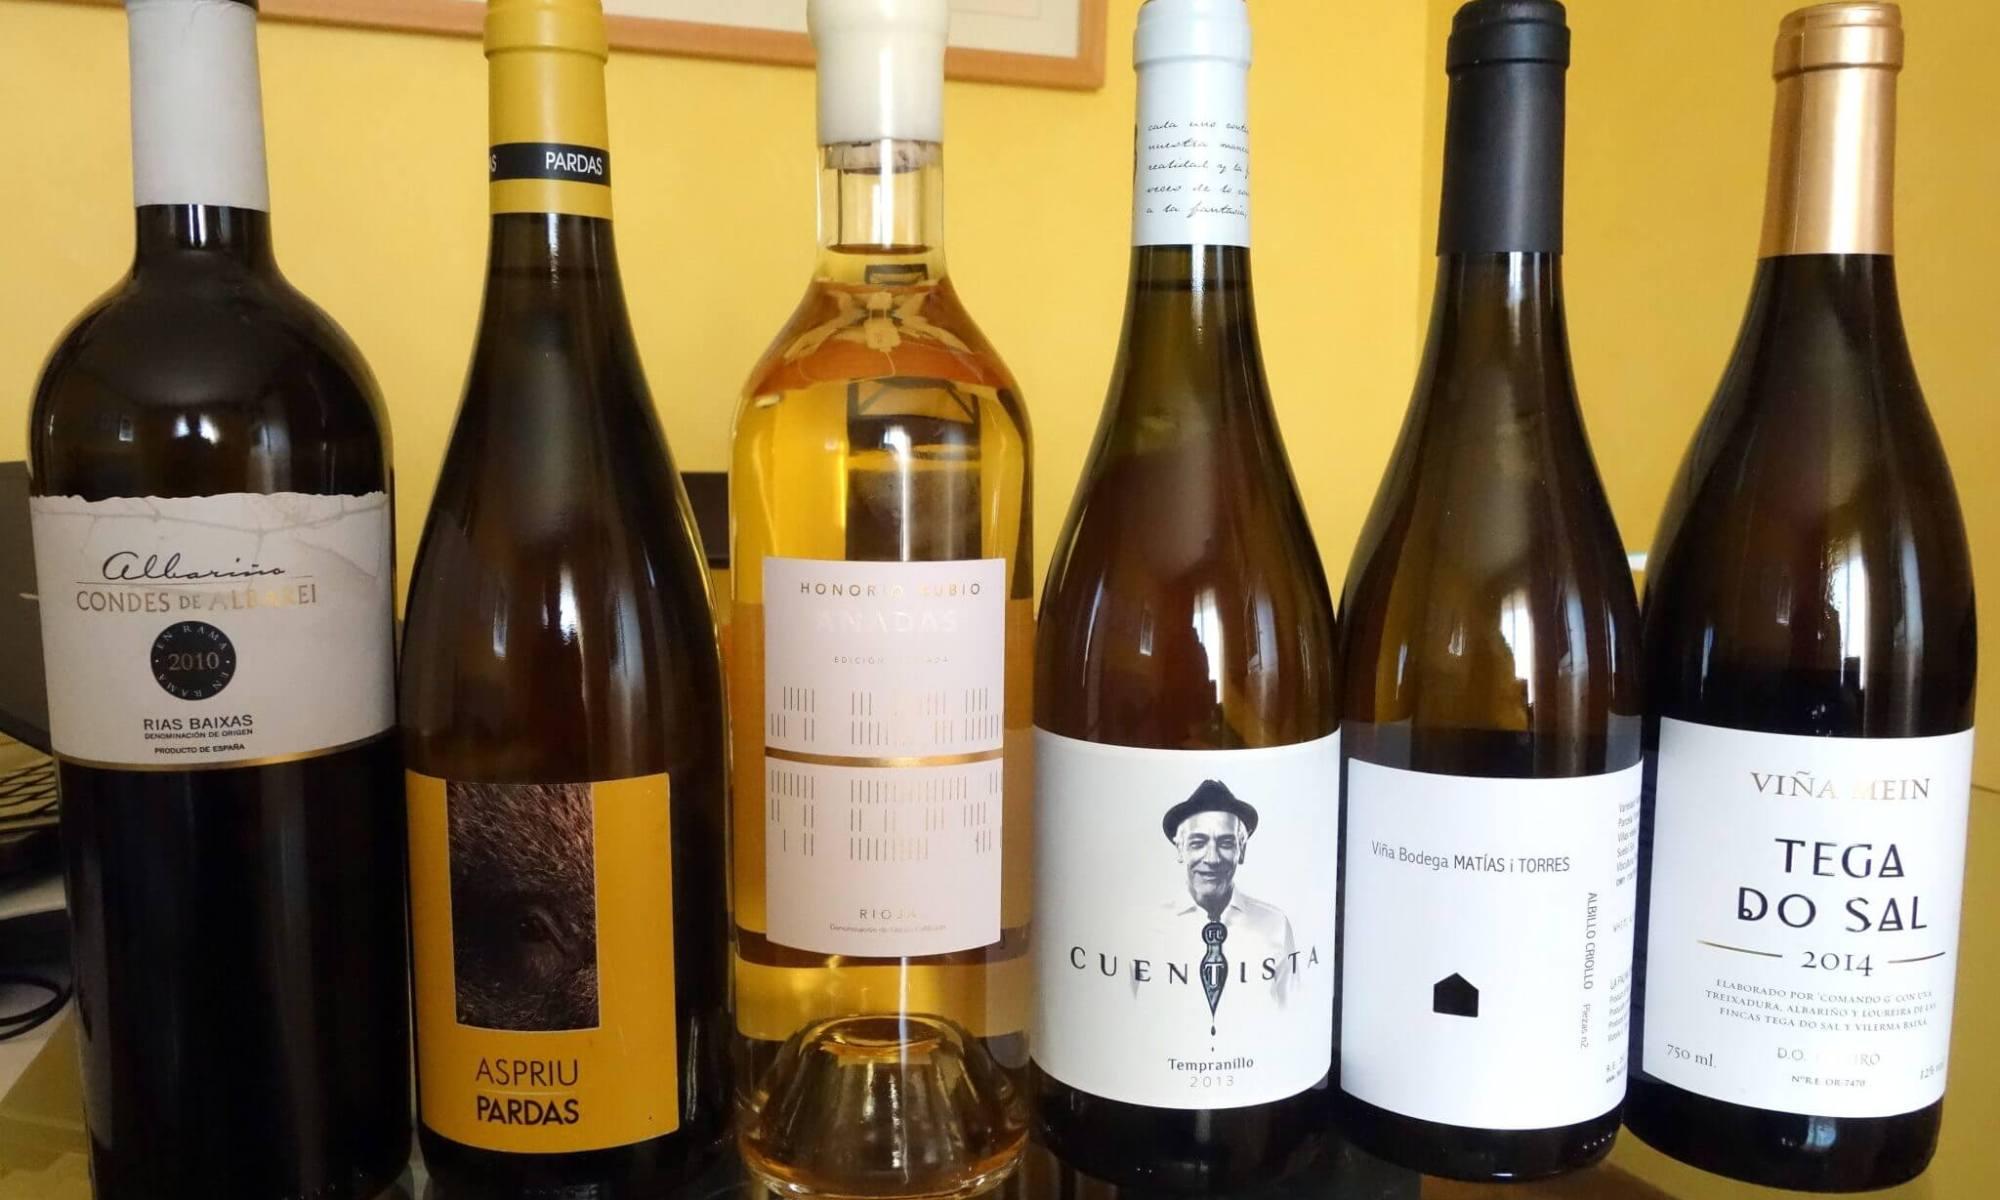 Los vinos de la cata. Blancos